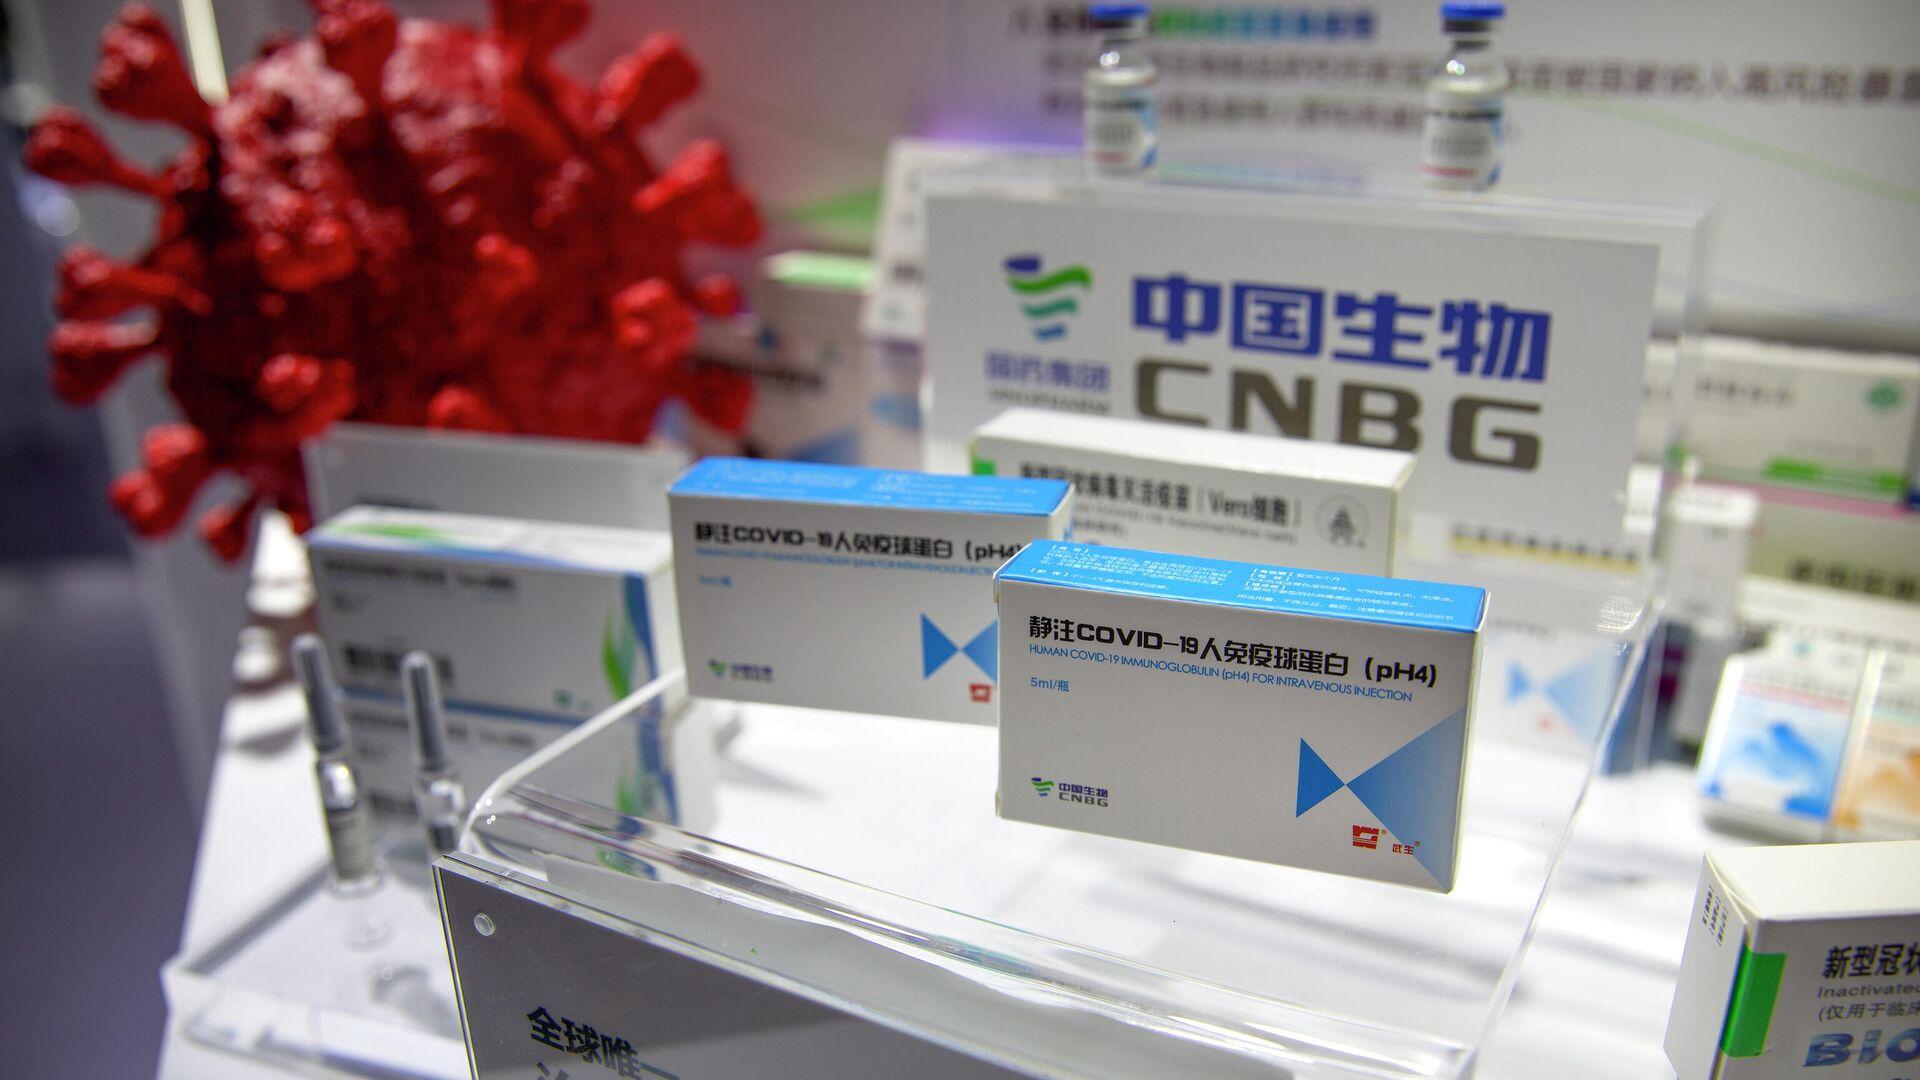 Упаковка средства для борьбы с вирусом COVID-19 производства китайской фармацевтической фирмы Sinopharm - РИА Новости, 1920, 04.01.2021